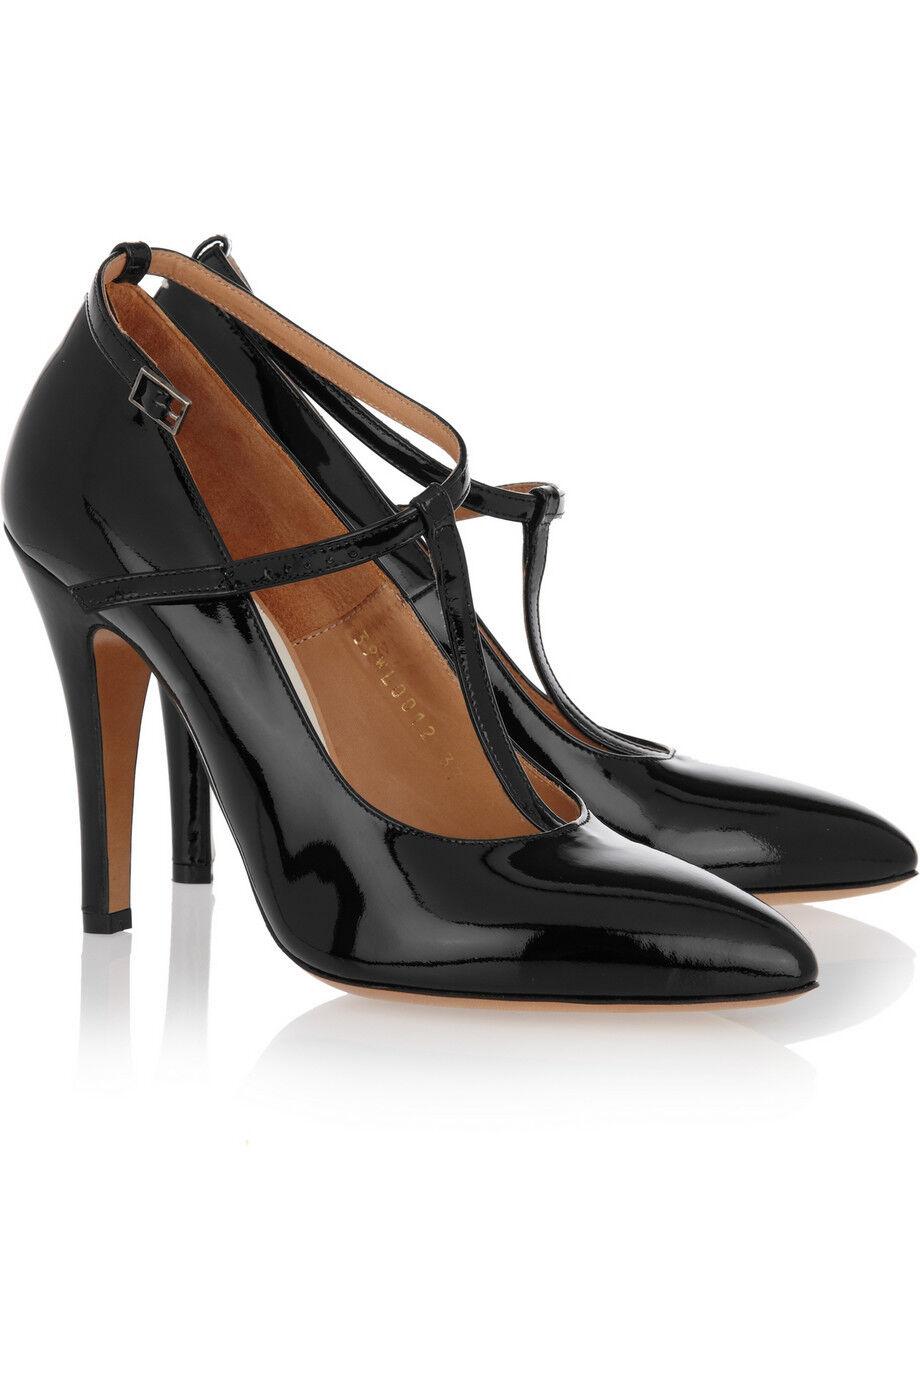 Maison Martin Margiela mary Jane patent leather pump size 37